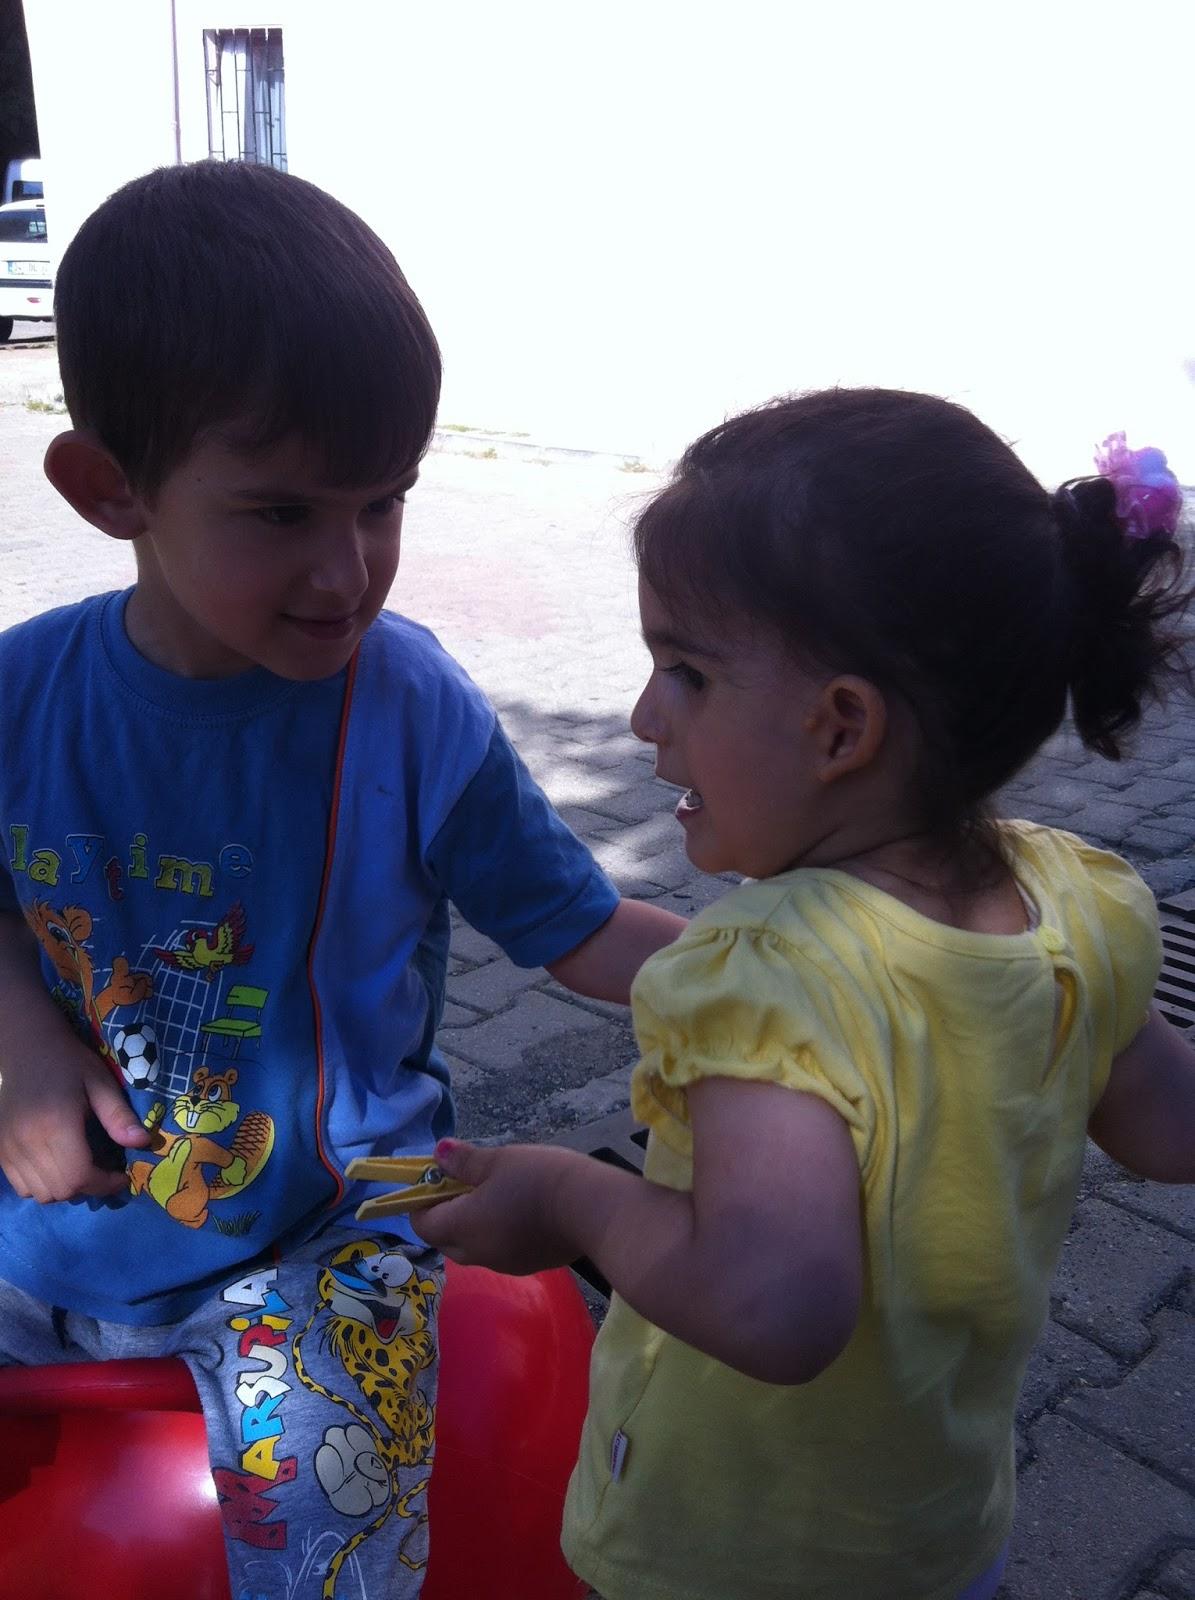 Gaz bezi bezi: ebeveyn çocuğun kazancını kazanmak ister mi